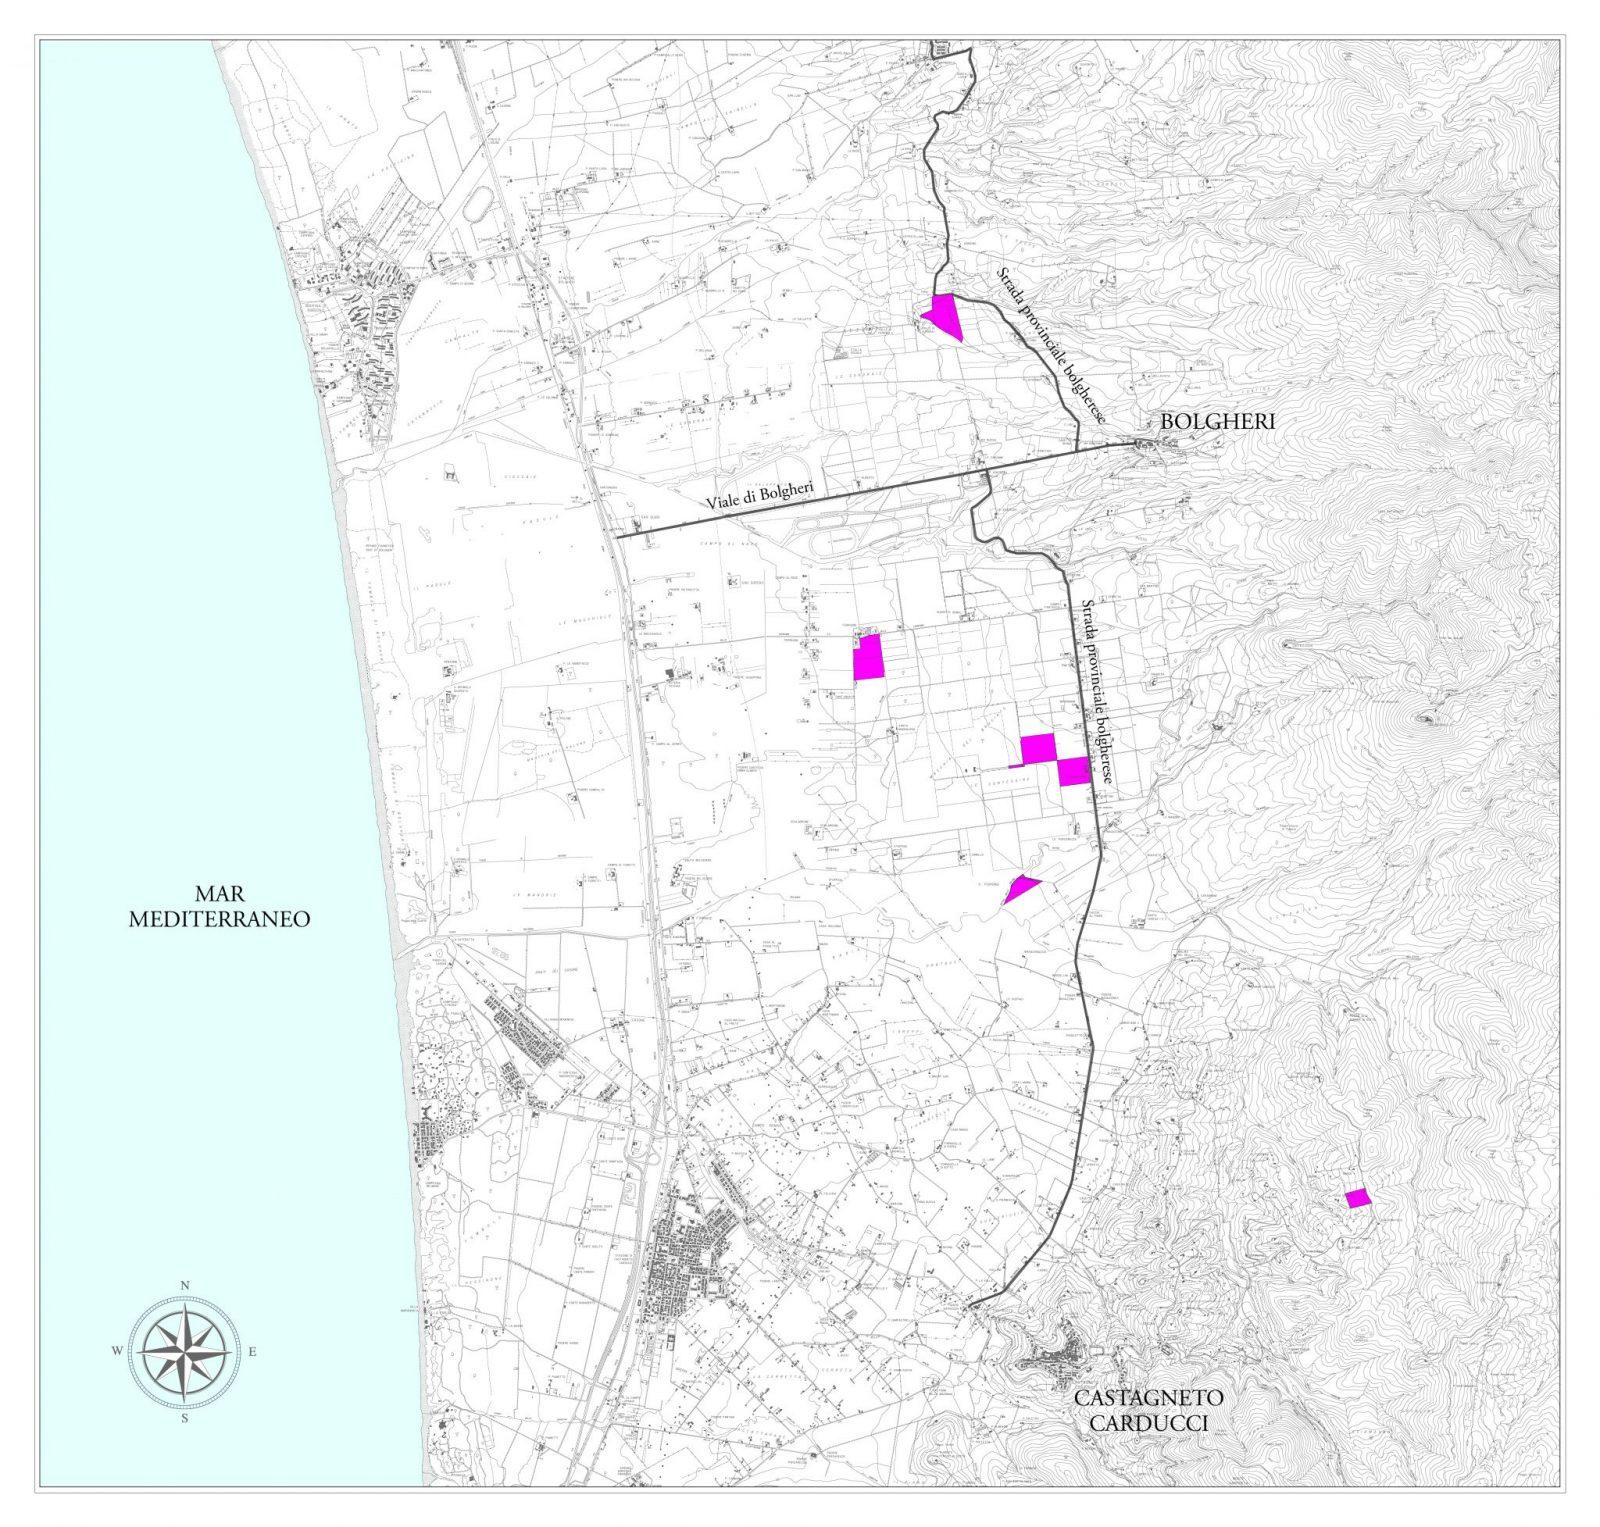 Le Macchiole Bolgheri Map Vintus